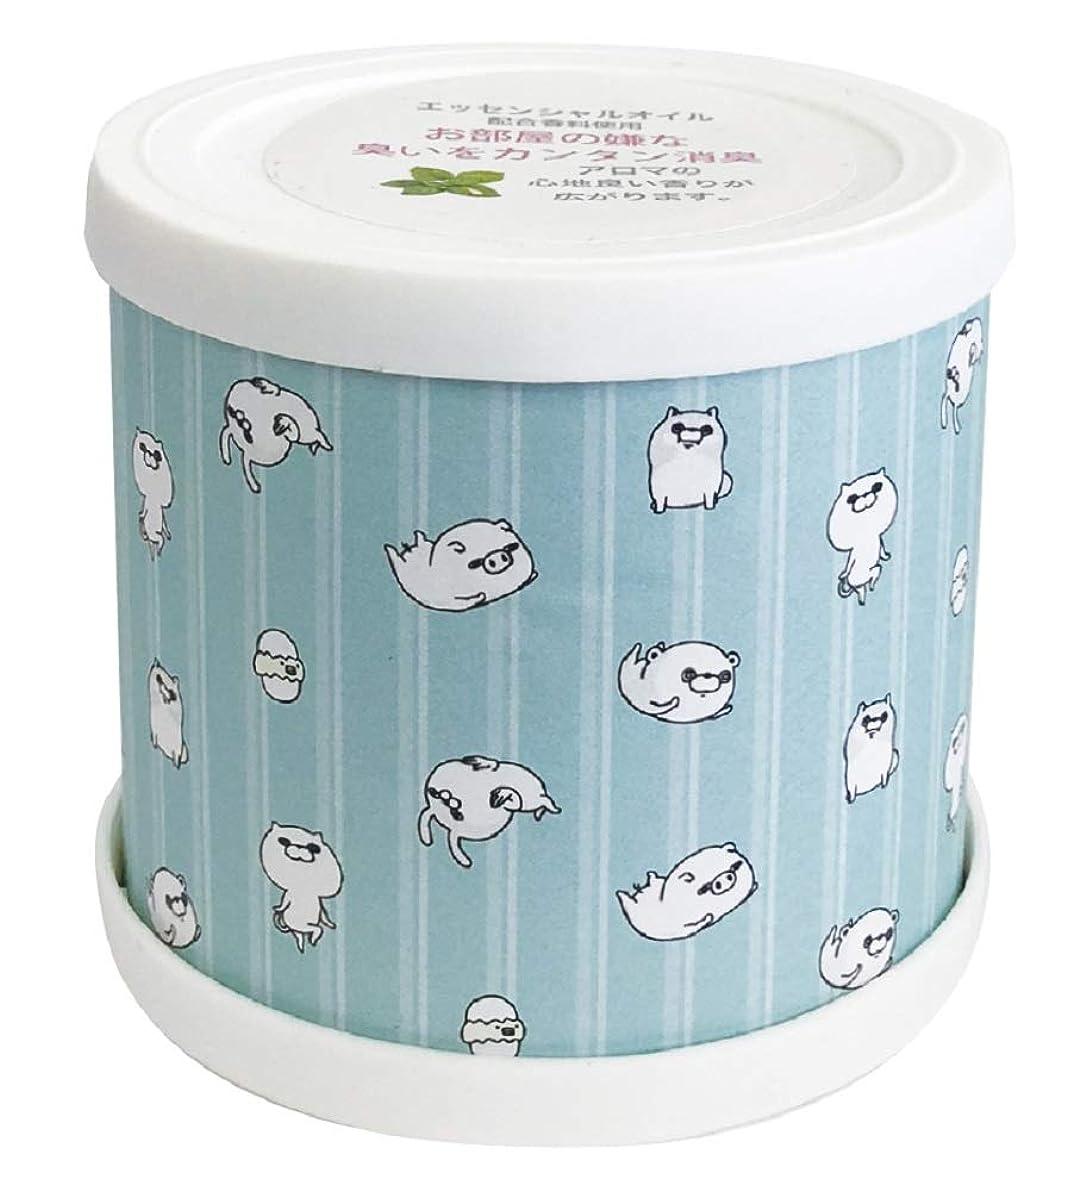 スリル眠り合意ヨッシースタンプ フレグランスジェル パターン青 置き型 消臭成分配合 グリーンティーの香り ABD-021-001